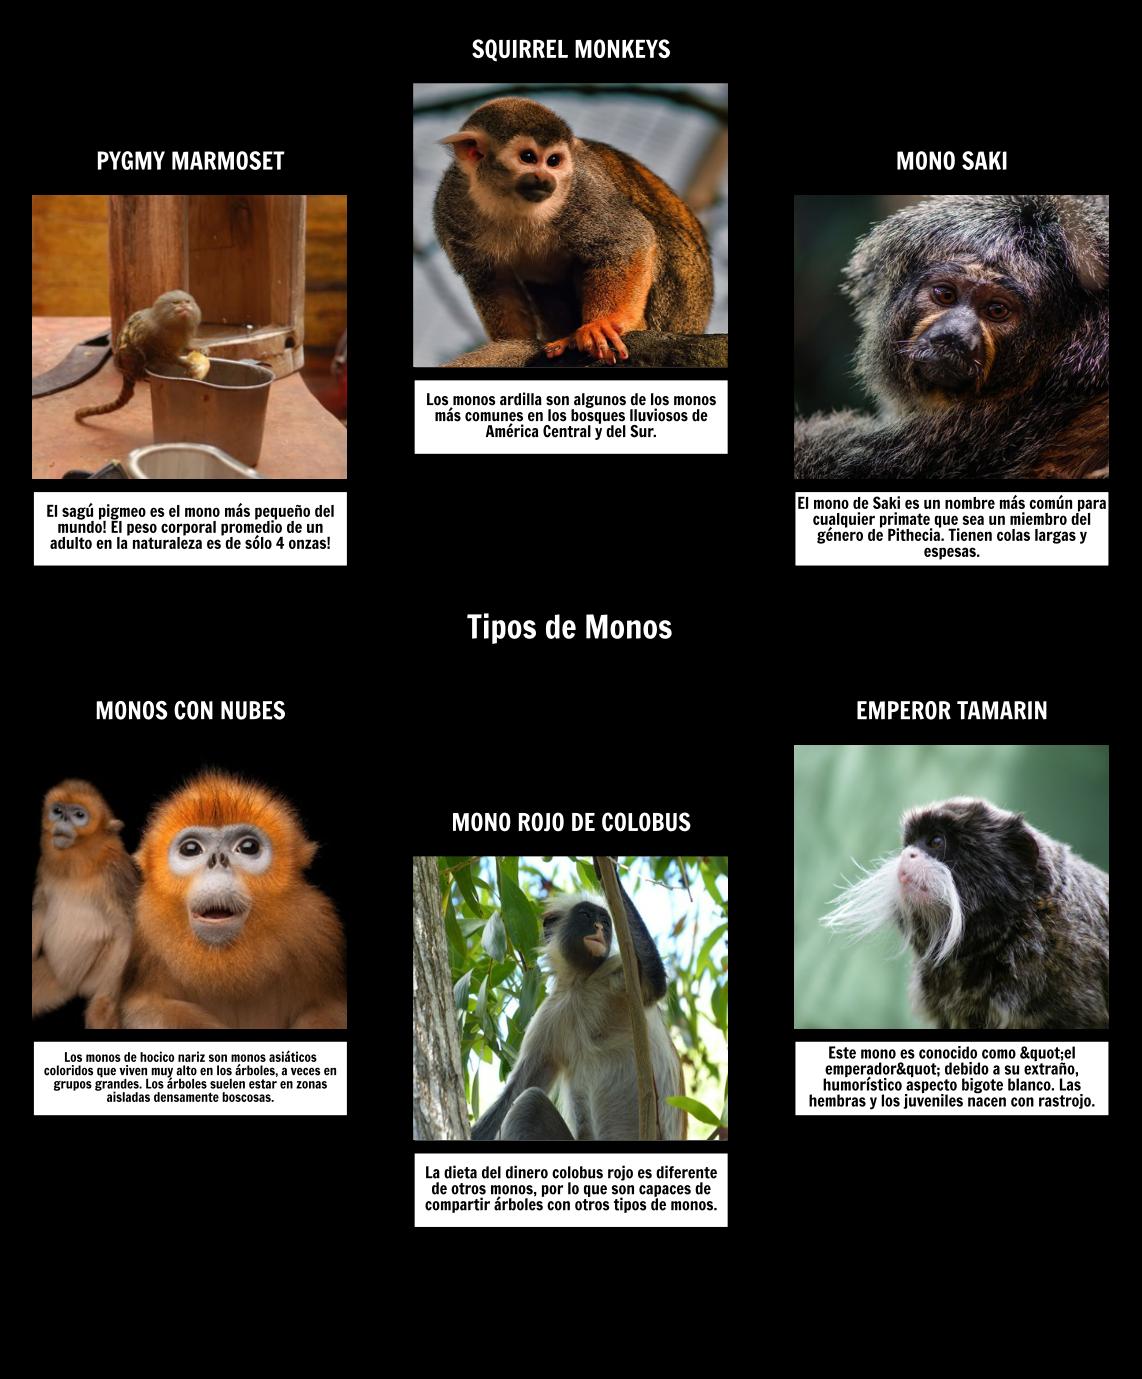 Mapa de Araña - Monos